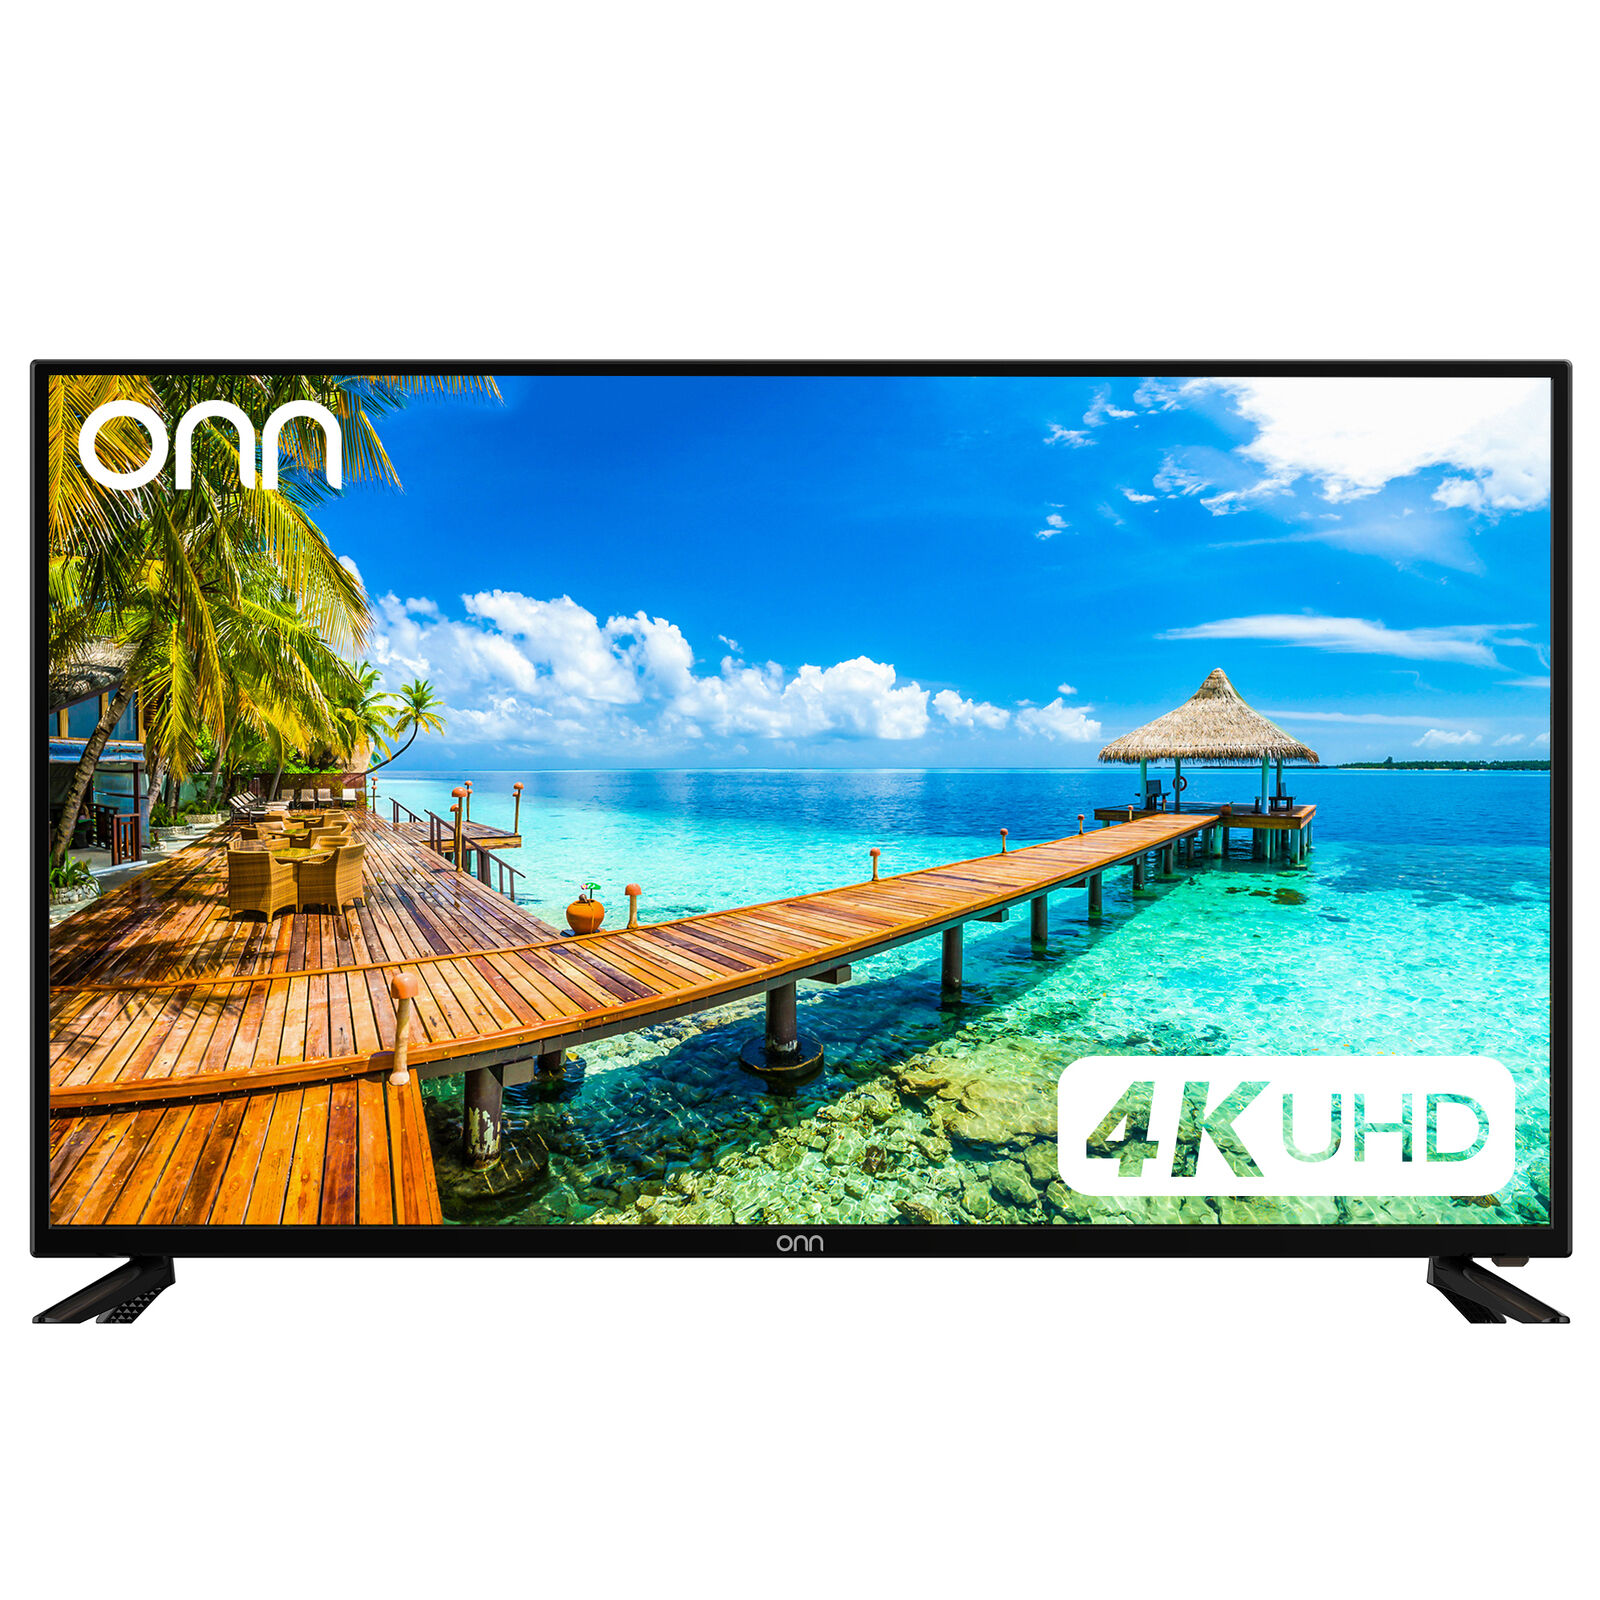 ONN 50″ Class 4K (2160P) LED TV  (ONA50UB19E05)